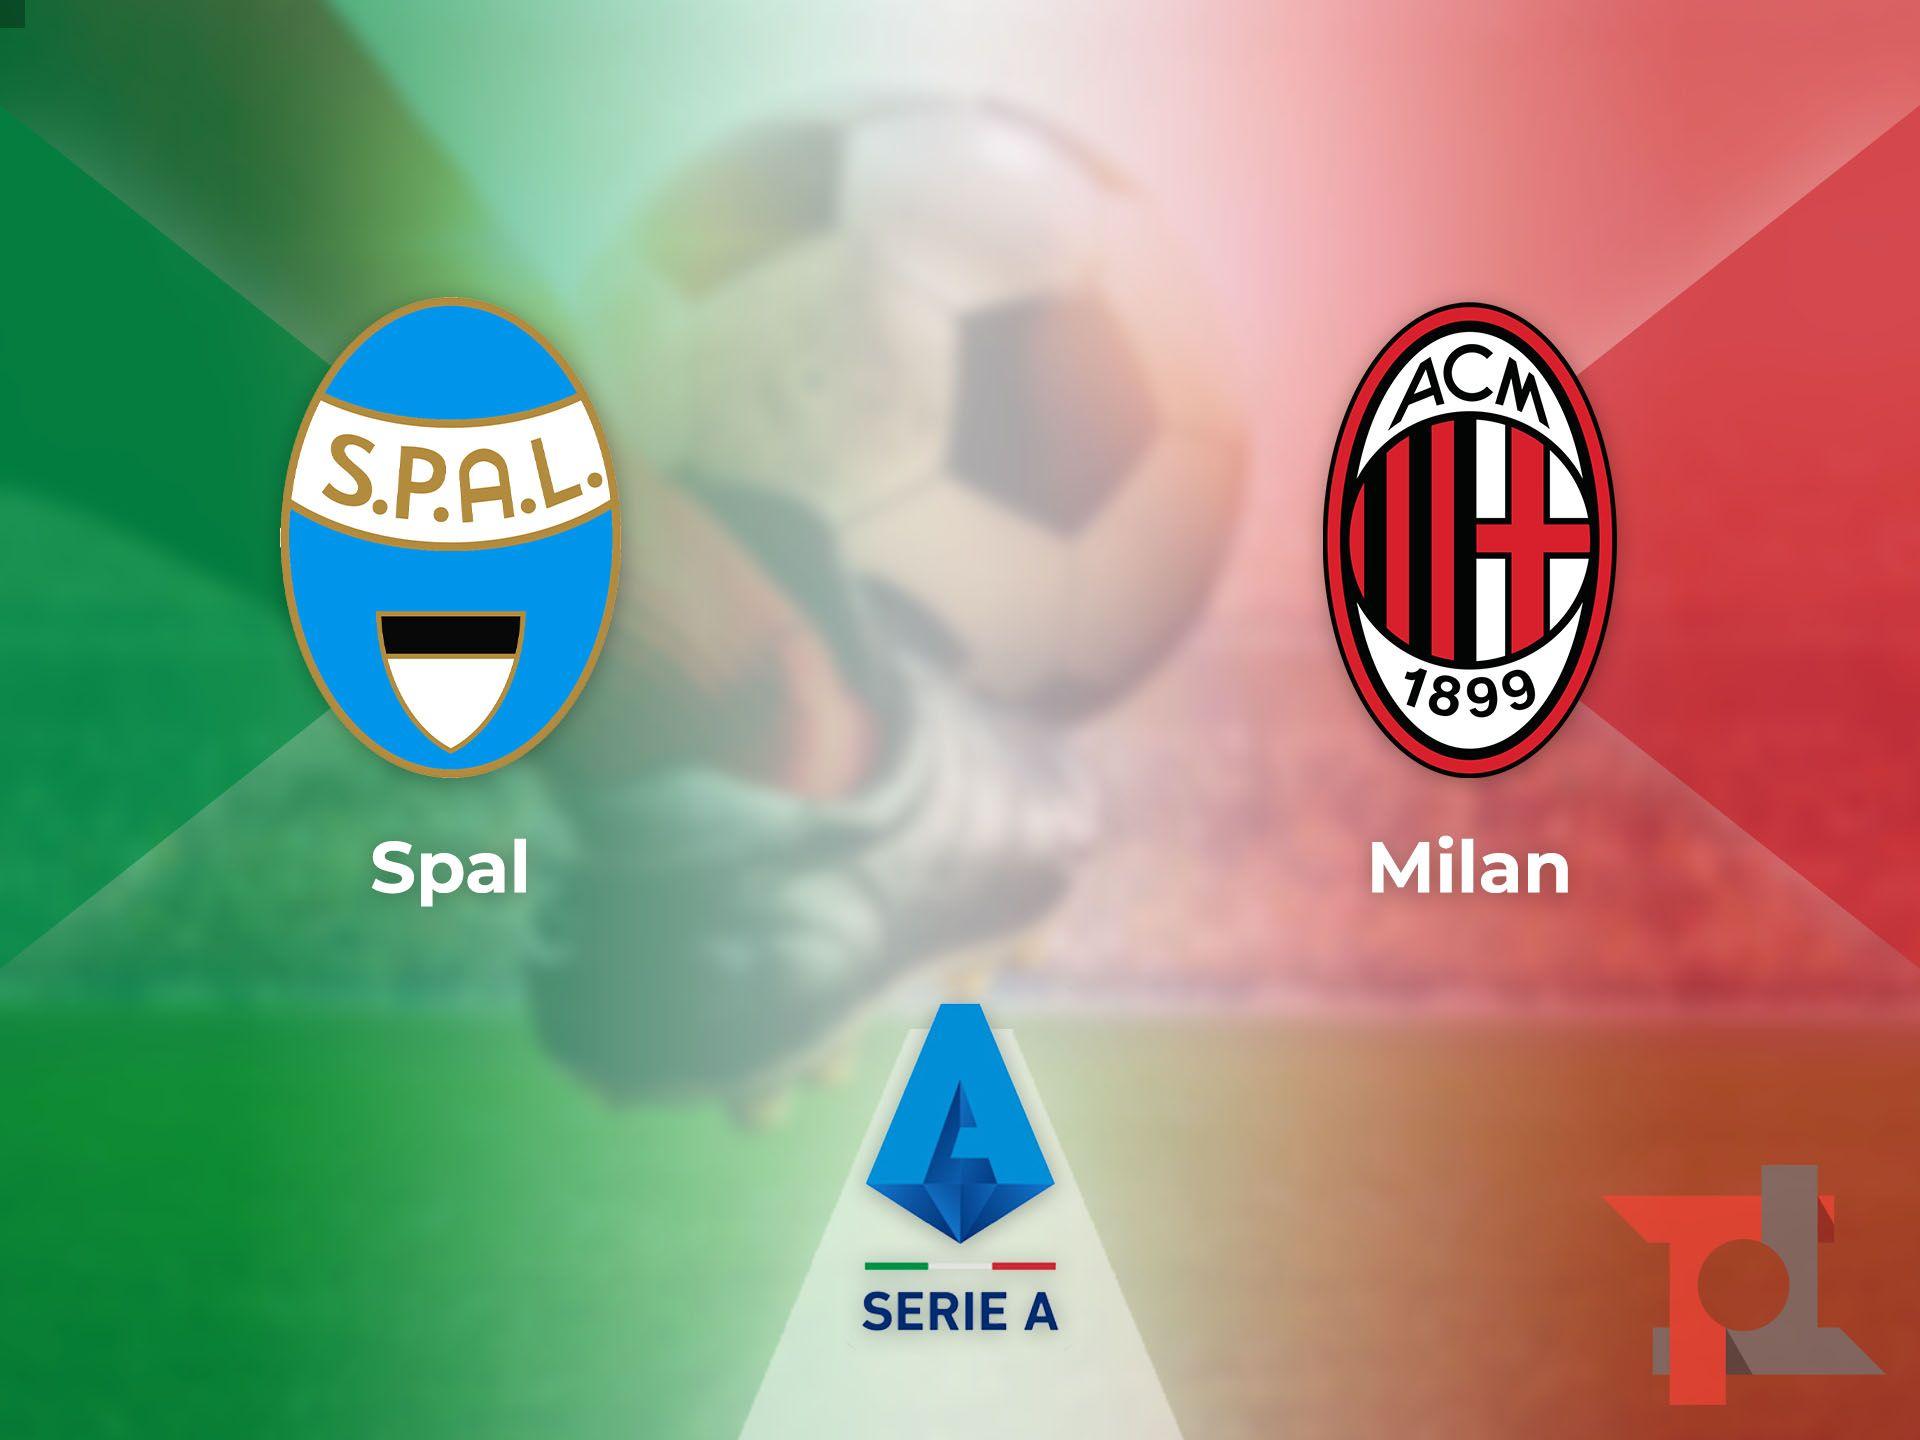 Spal Milan